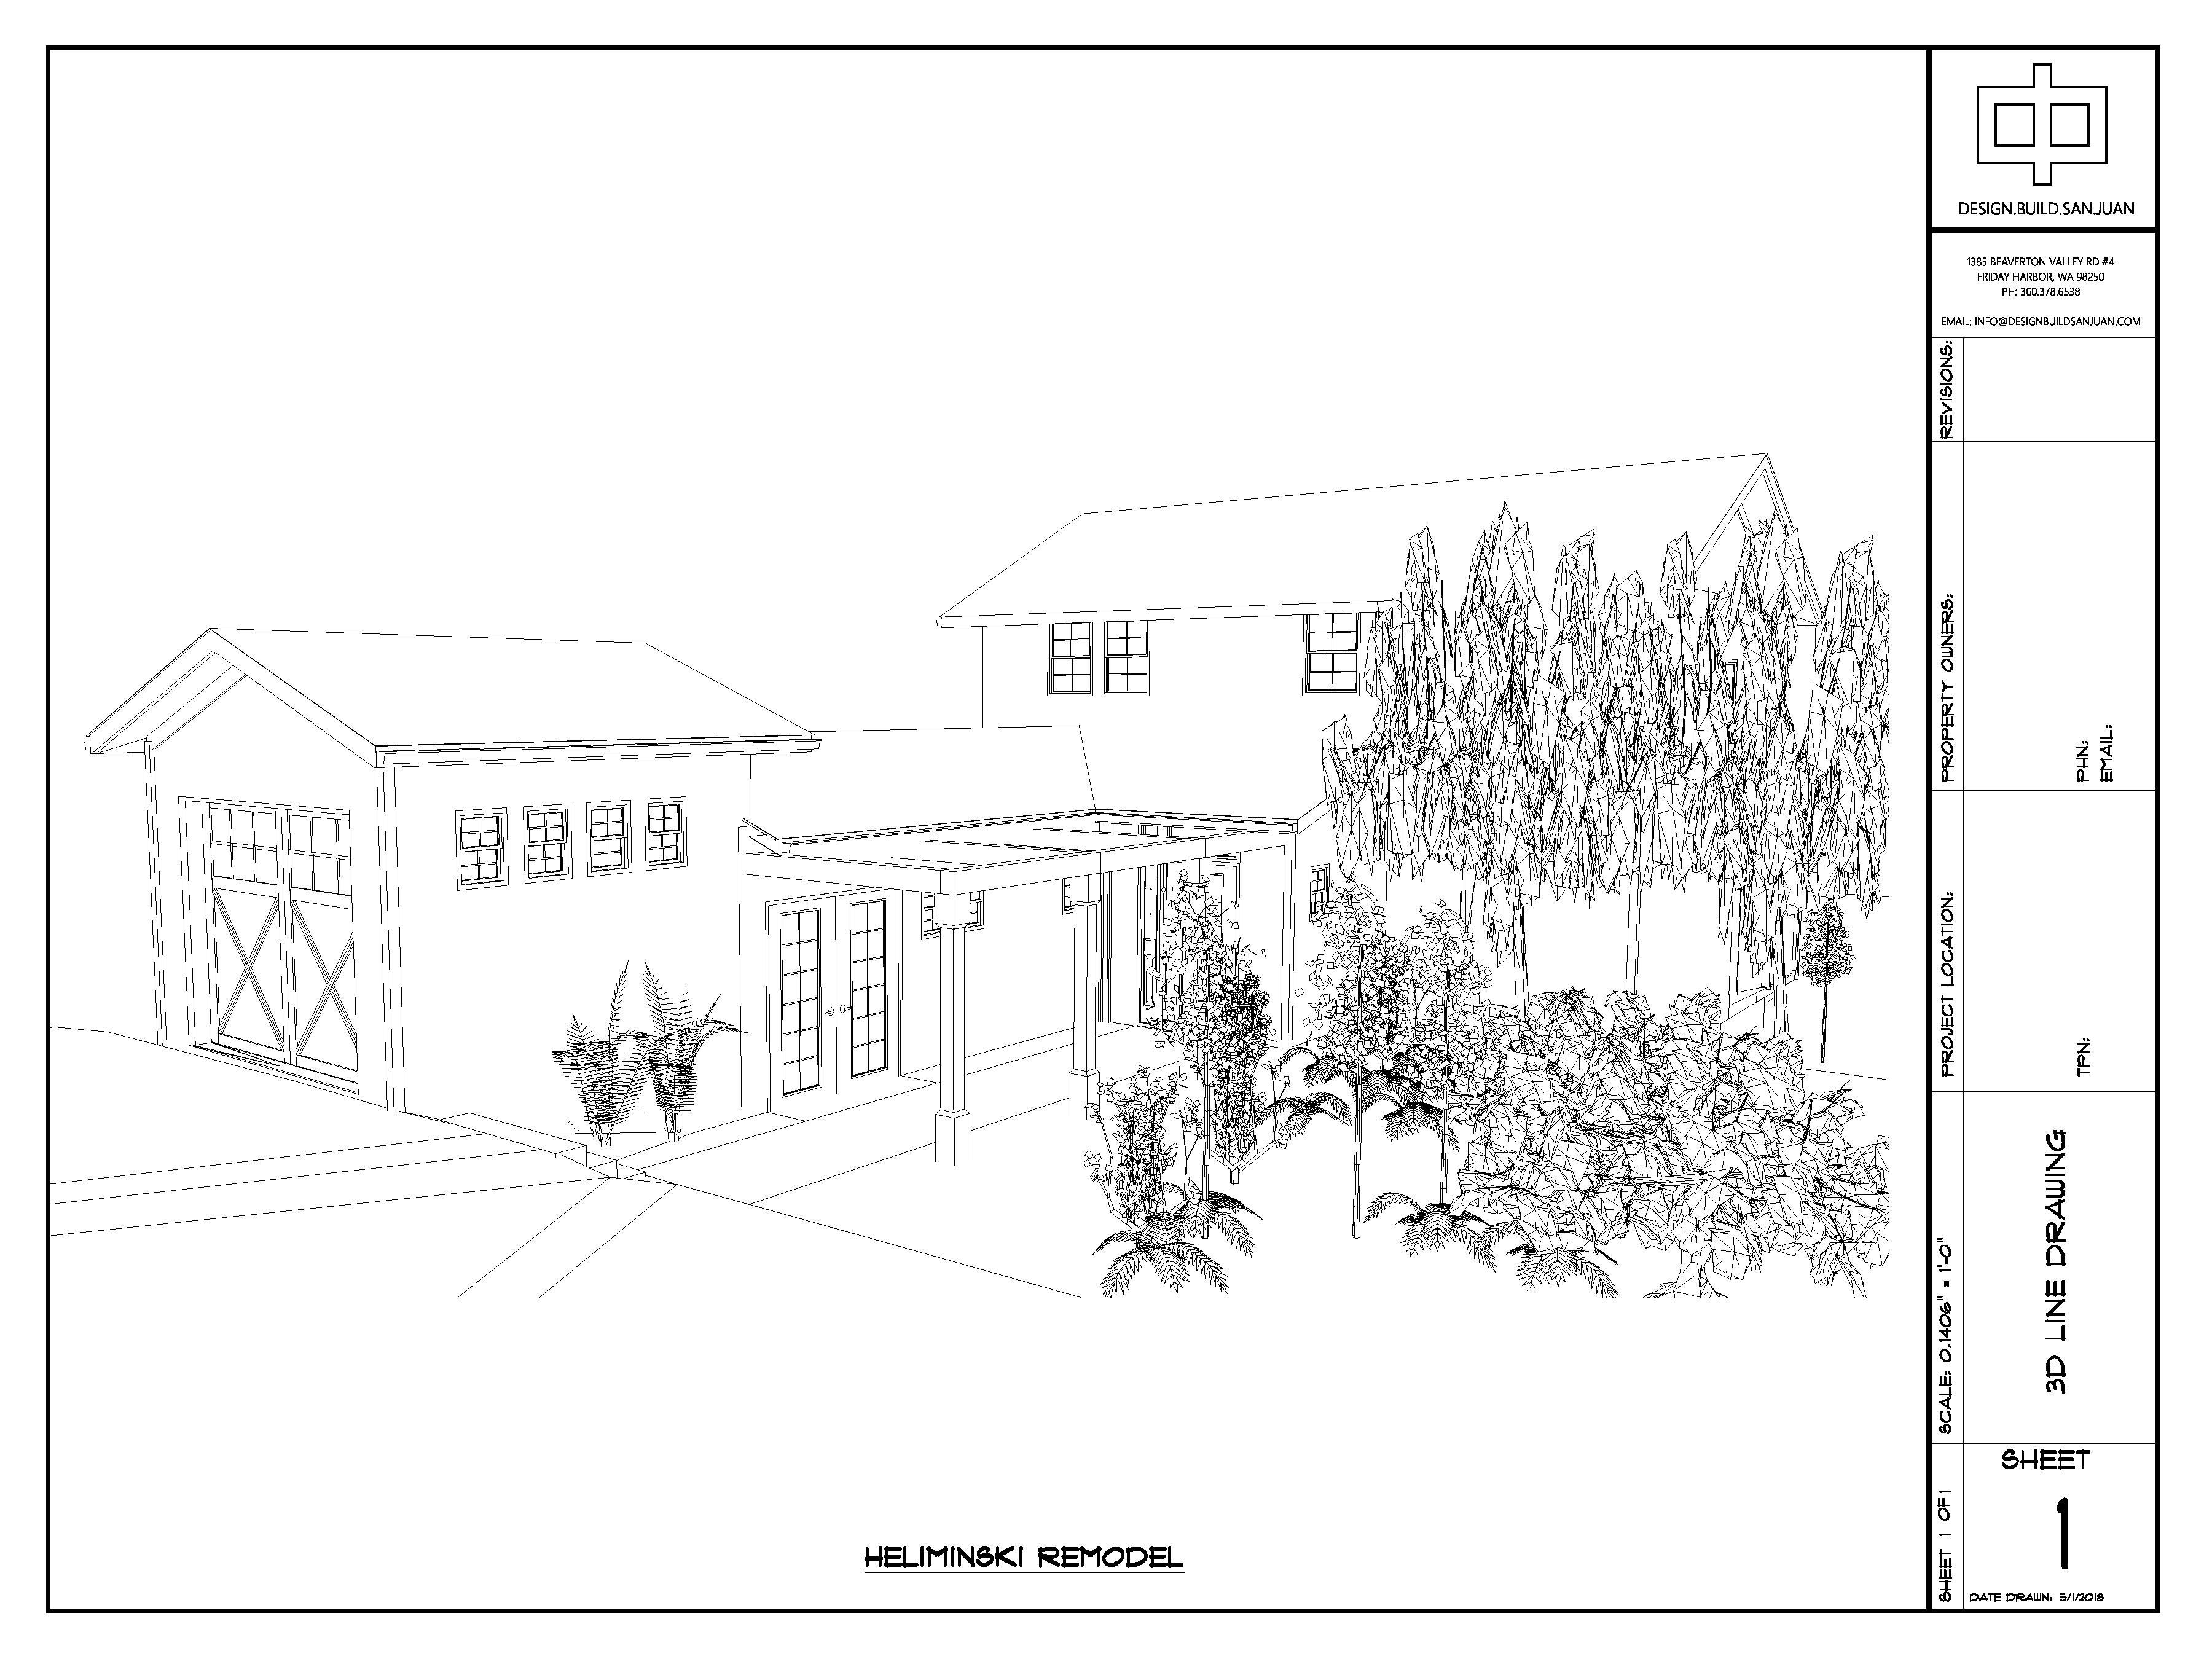 3D Line Drawing Example Design Build San Juan